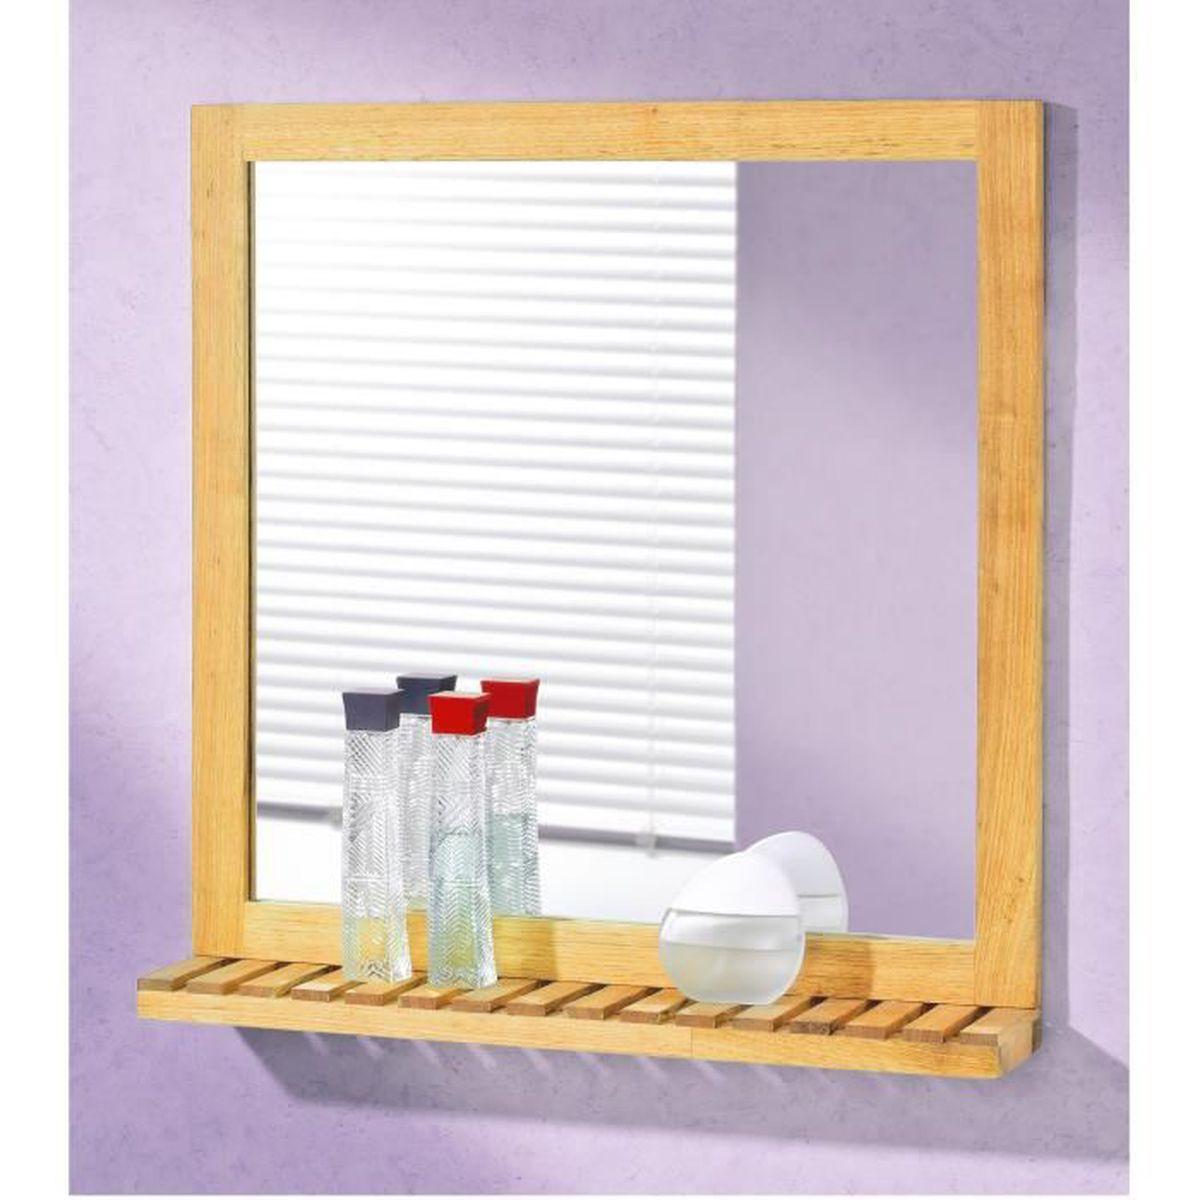 Miroir de salle de bain 60 cm avec tablette bois brut